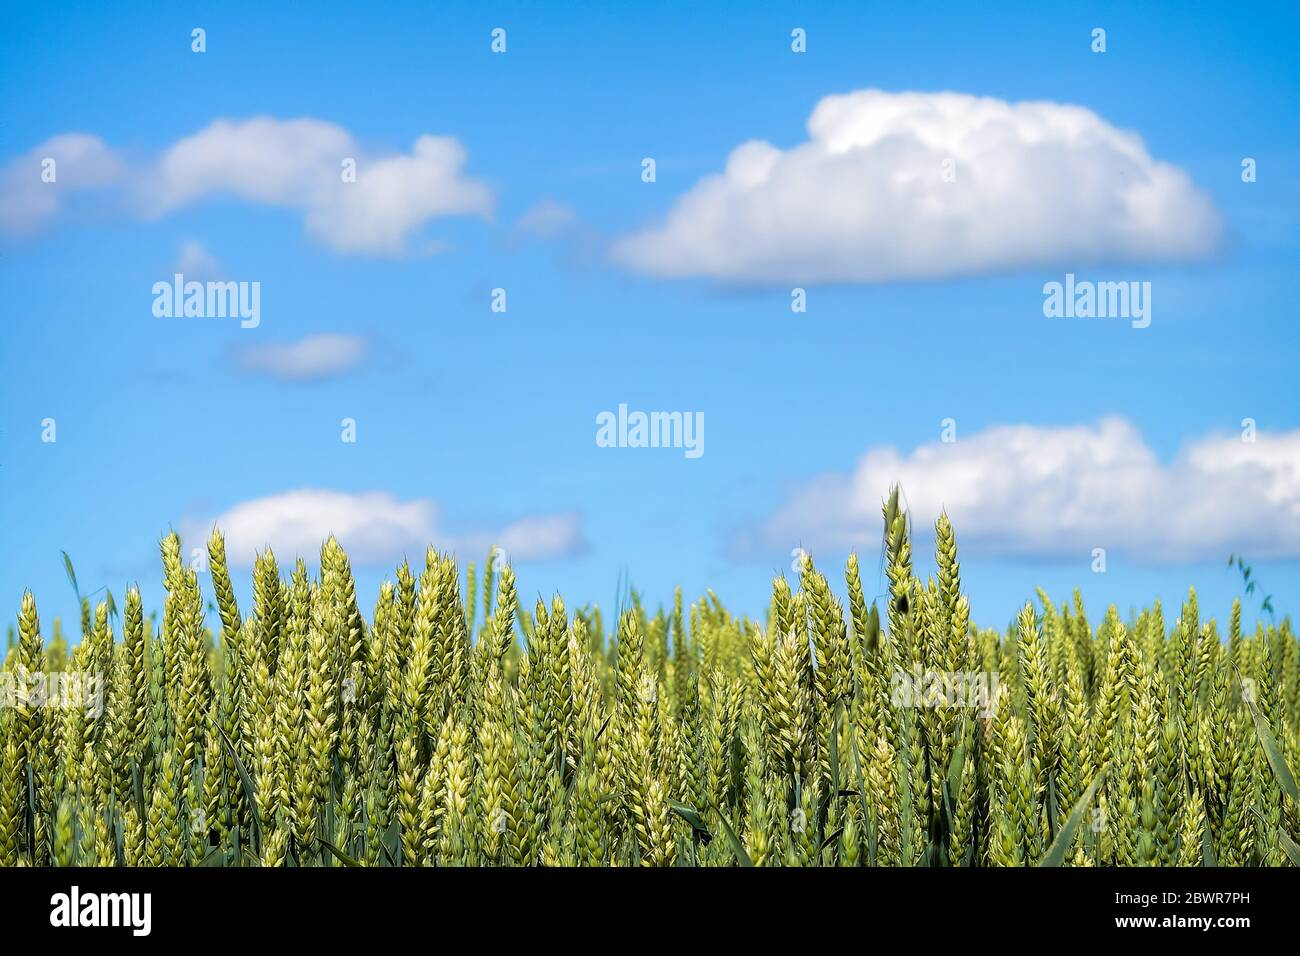 Un champ de grain mûrissant pour la récolte sous le ciel bleu. Banque D'Images